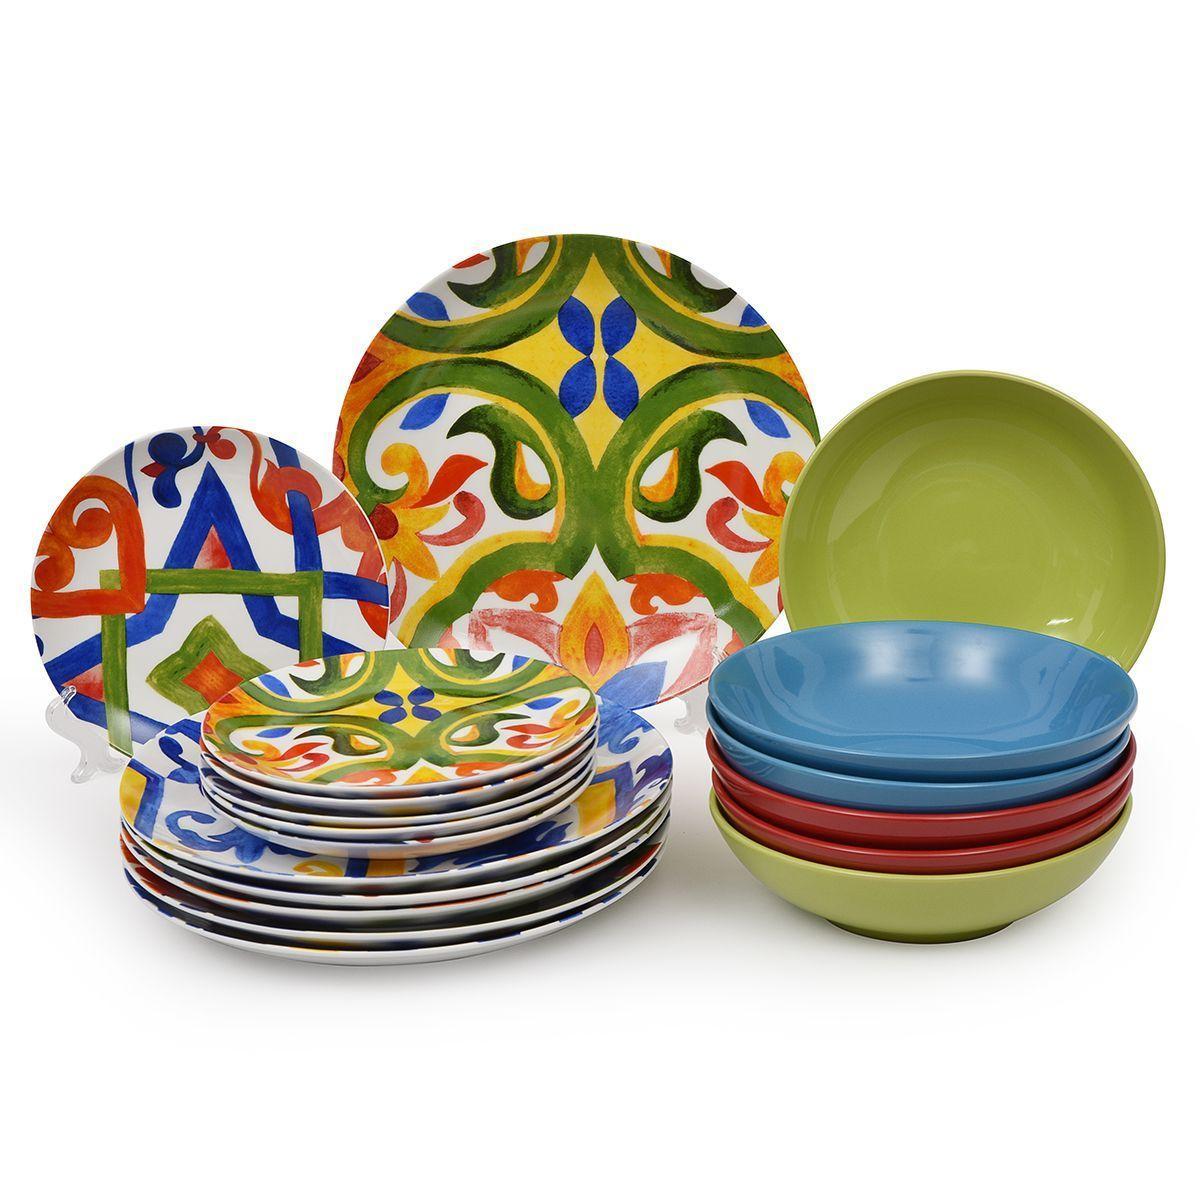 Разноцветный столовый сервиз на 6 персон Naxos